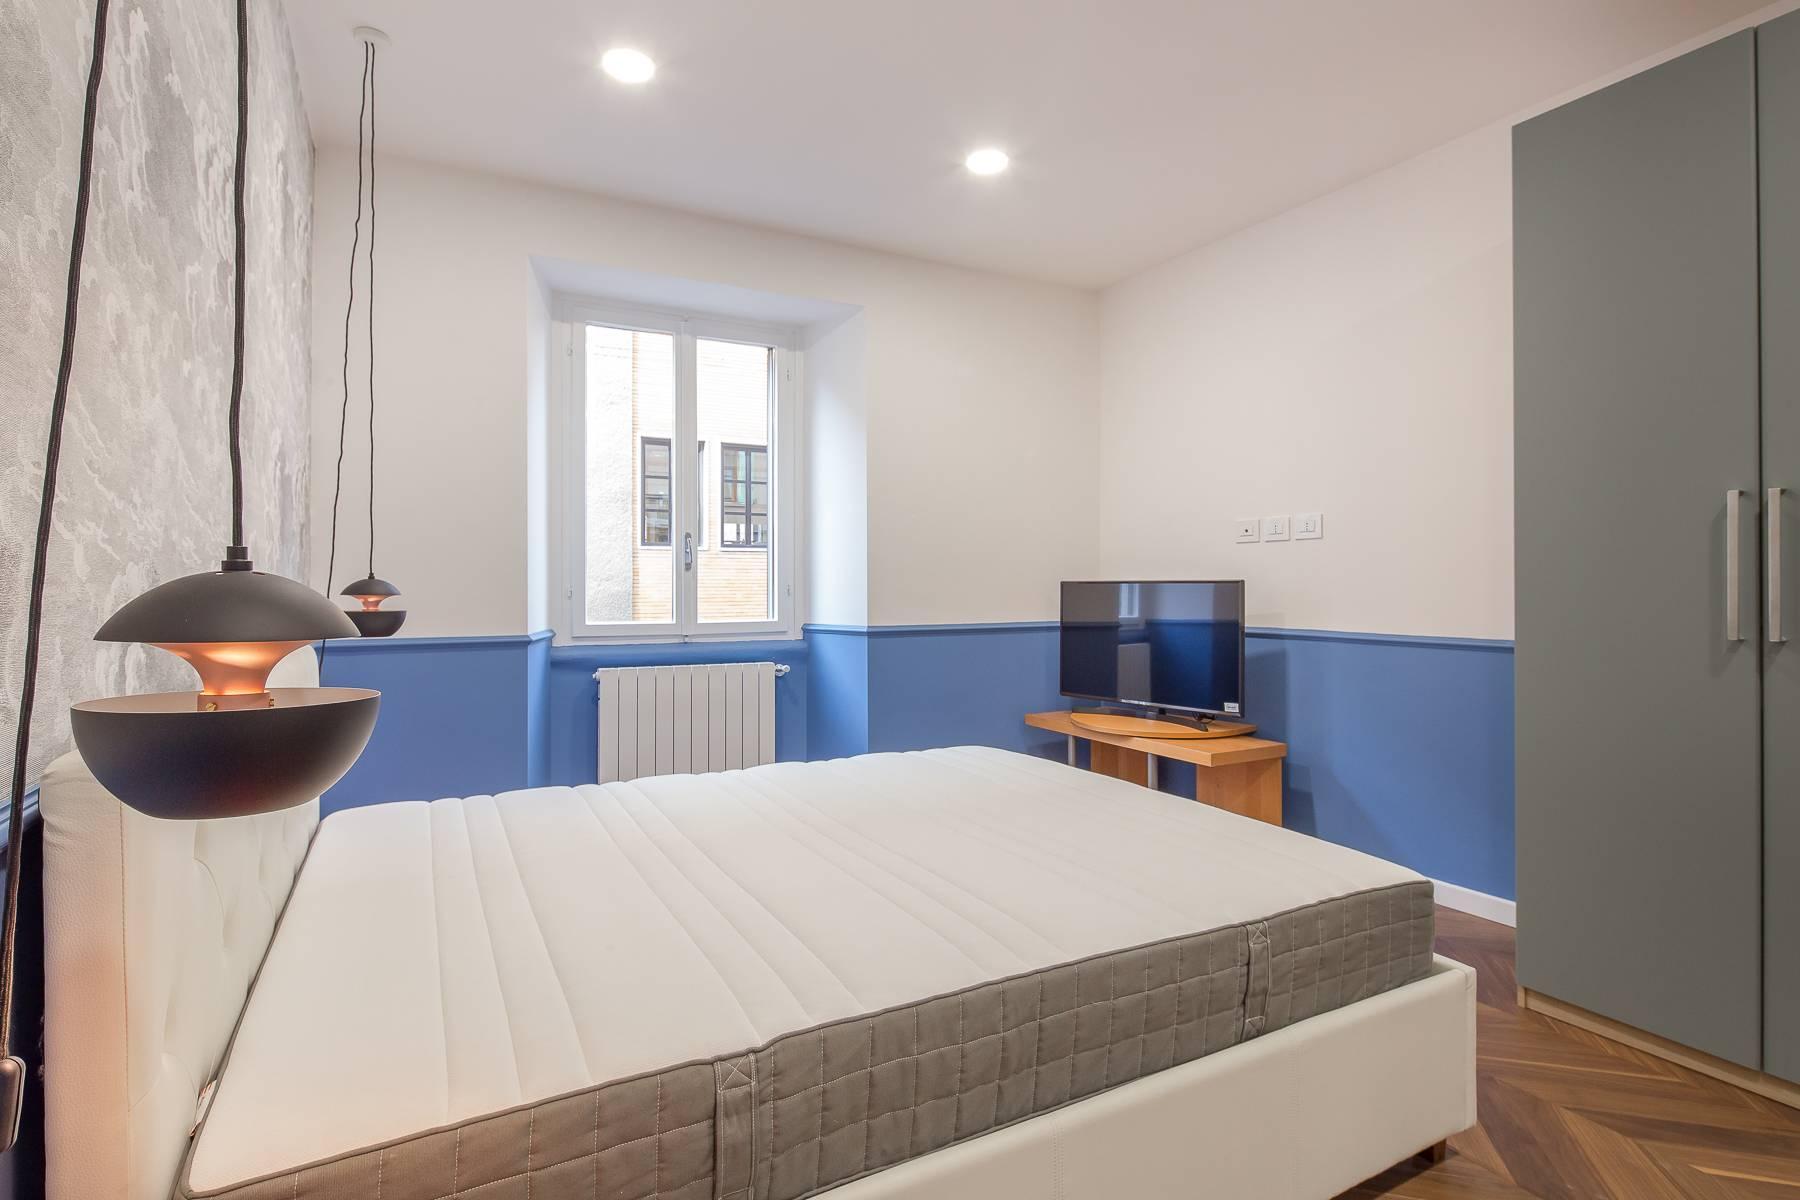 Elegante renovierte Zwei-Zimmer-Wohnung in Brera - 15